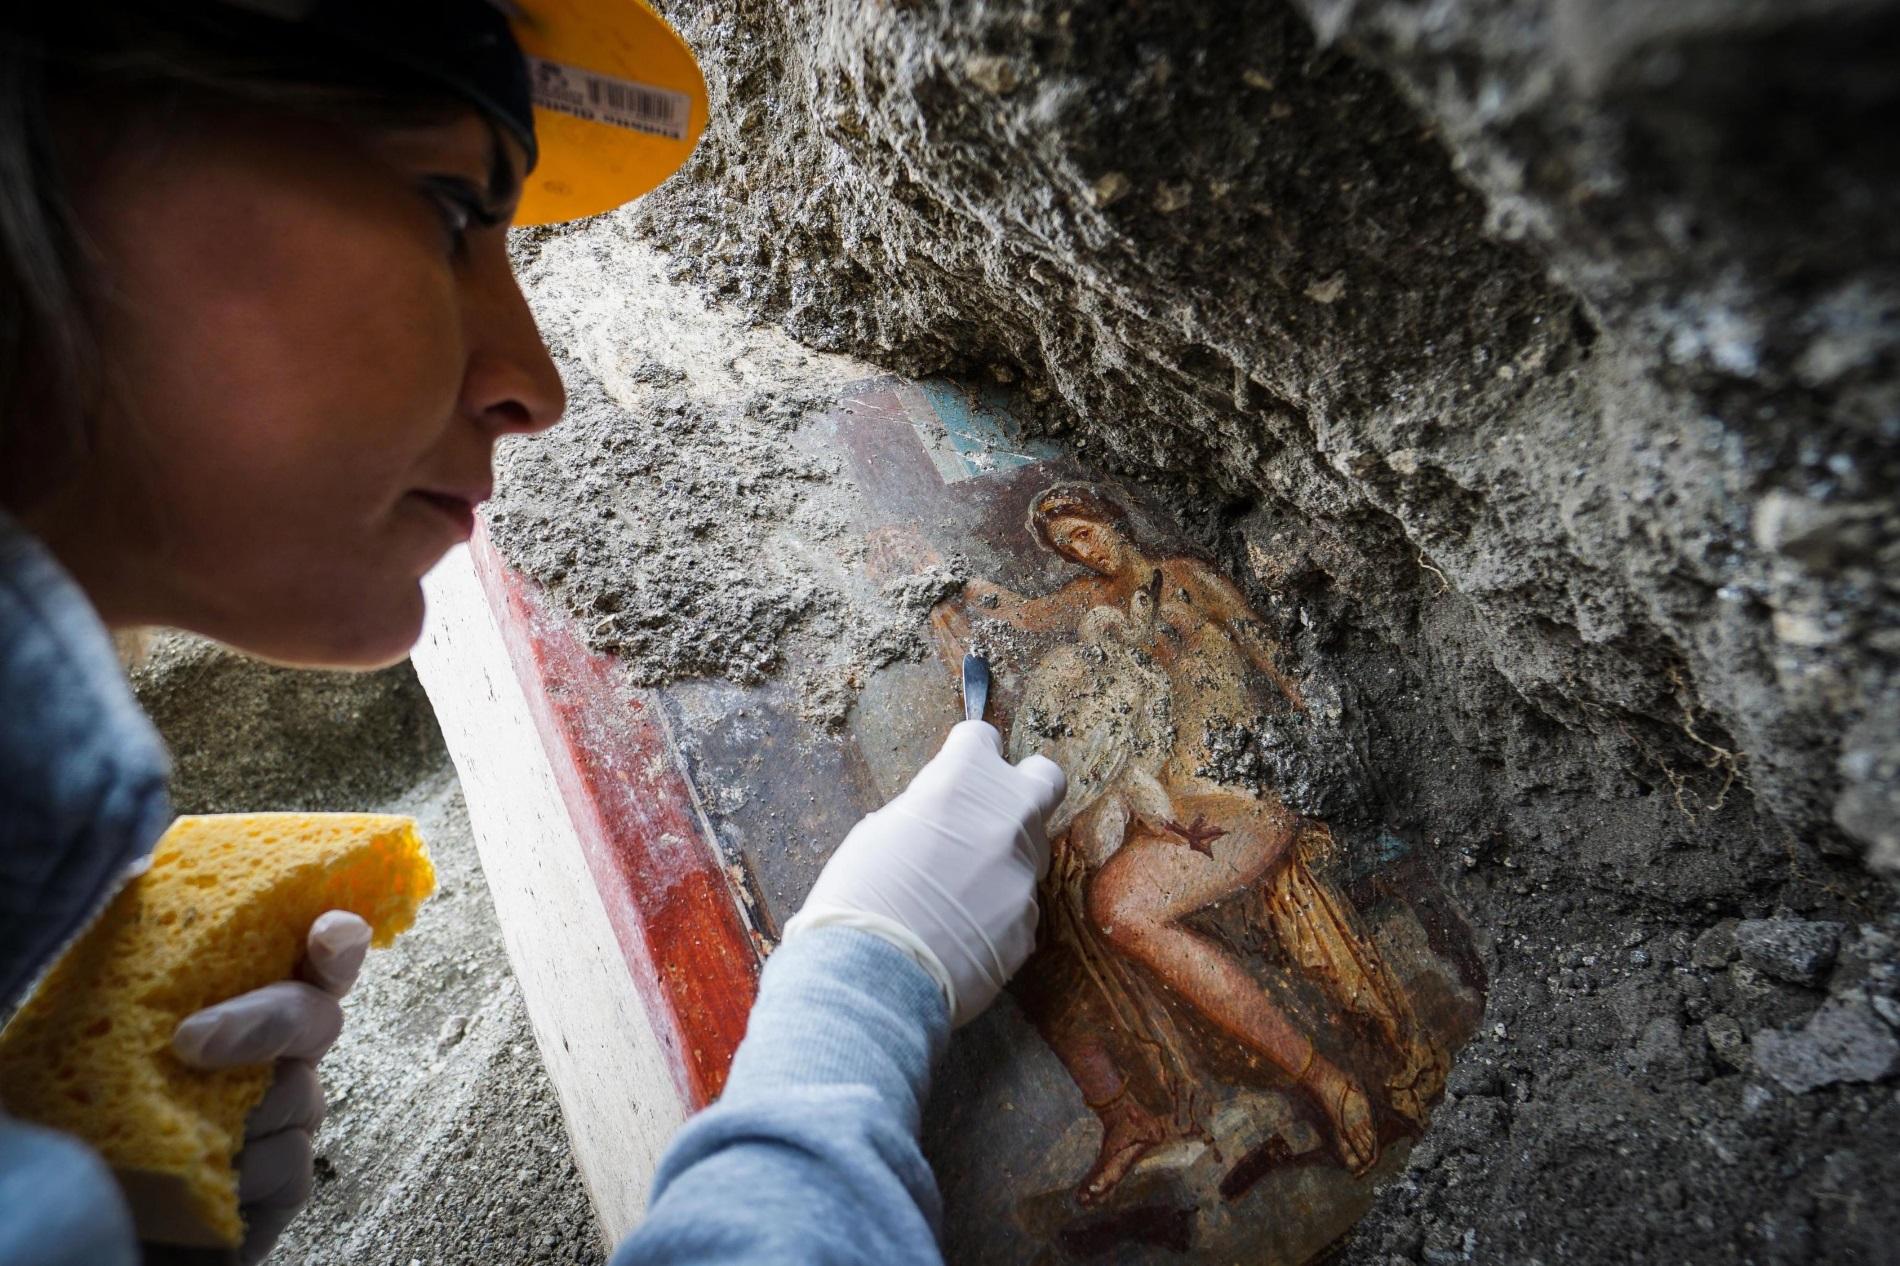 """Археолог работи върху откритата наскоро фреска """"Леда и лебедът"""" в археологическата зона в Помпей, Италия, 19 ноември 2018 г. Еротичната фреска от гръцката митология бе открита в спалнята на богат дом. Унищоженият от вулкана Везувий Помпей днес е една от най-посещаваните аткракции в Италия."""